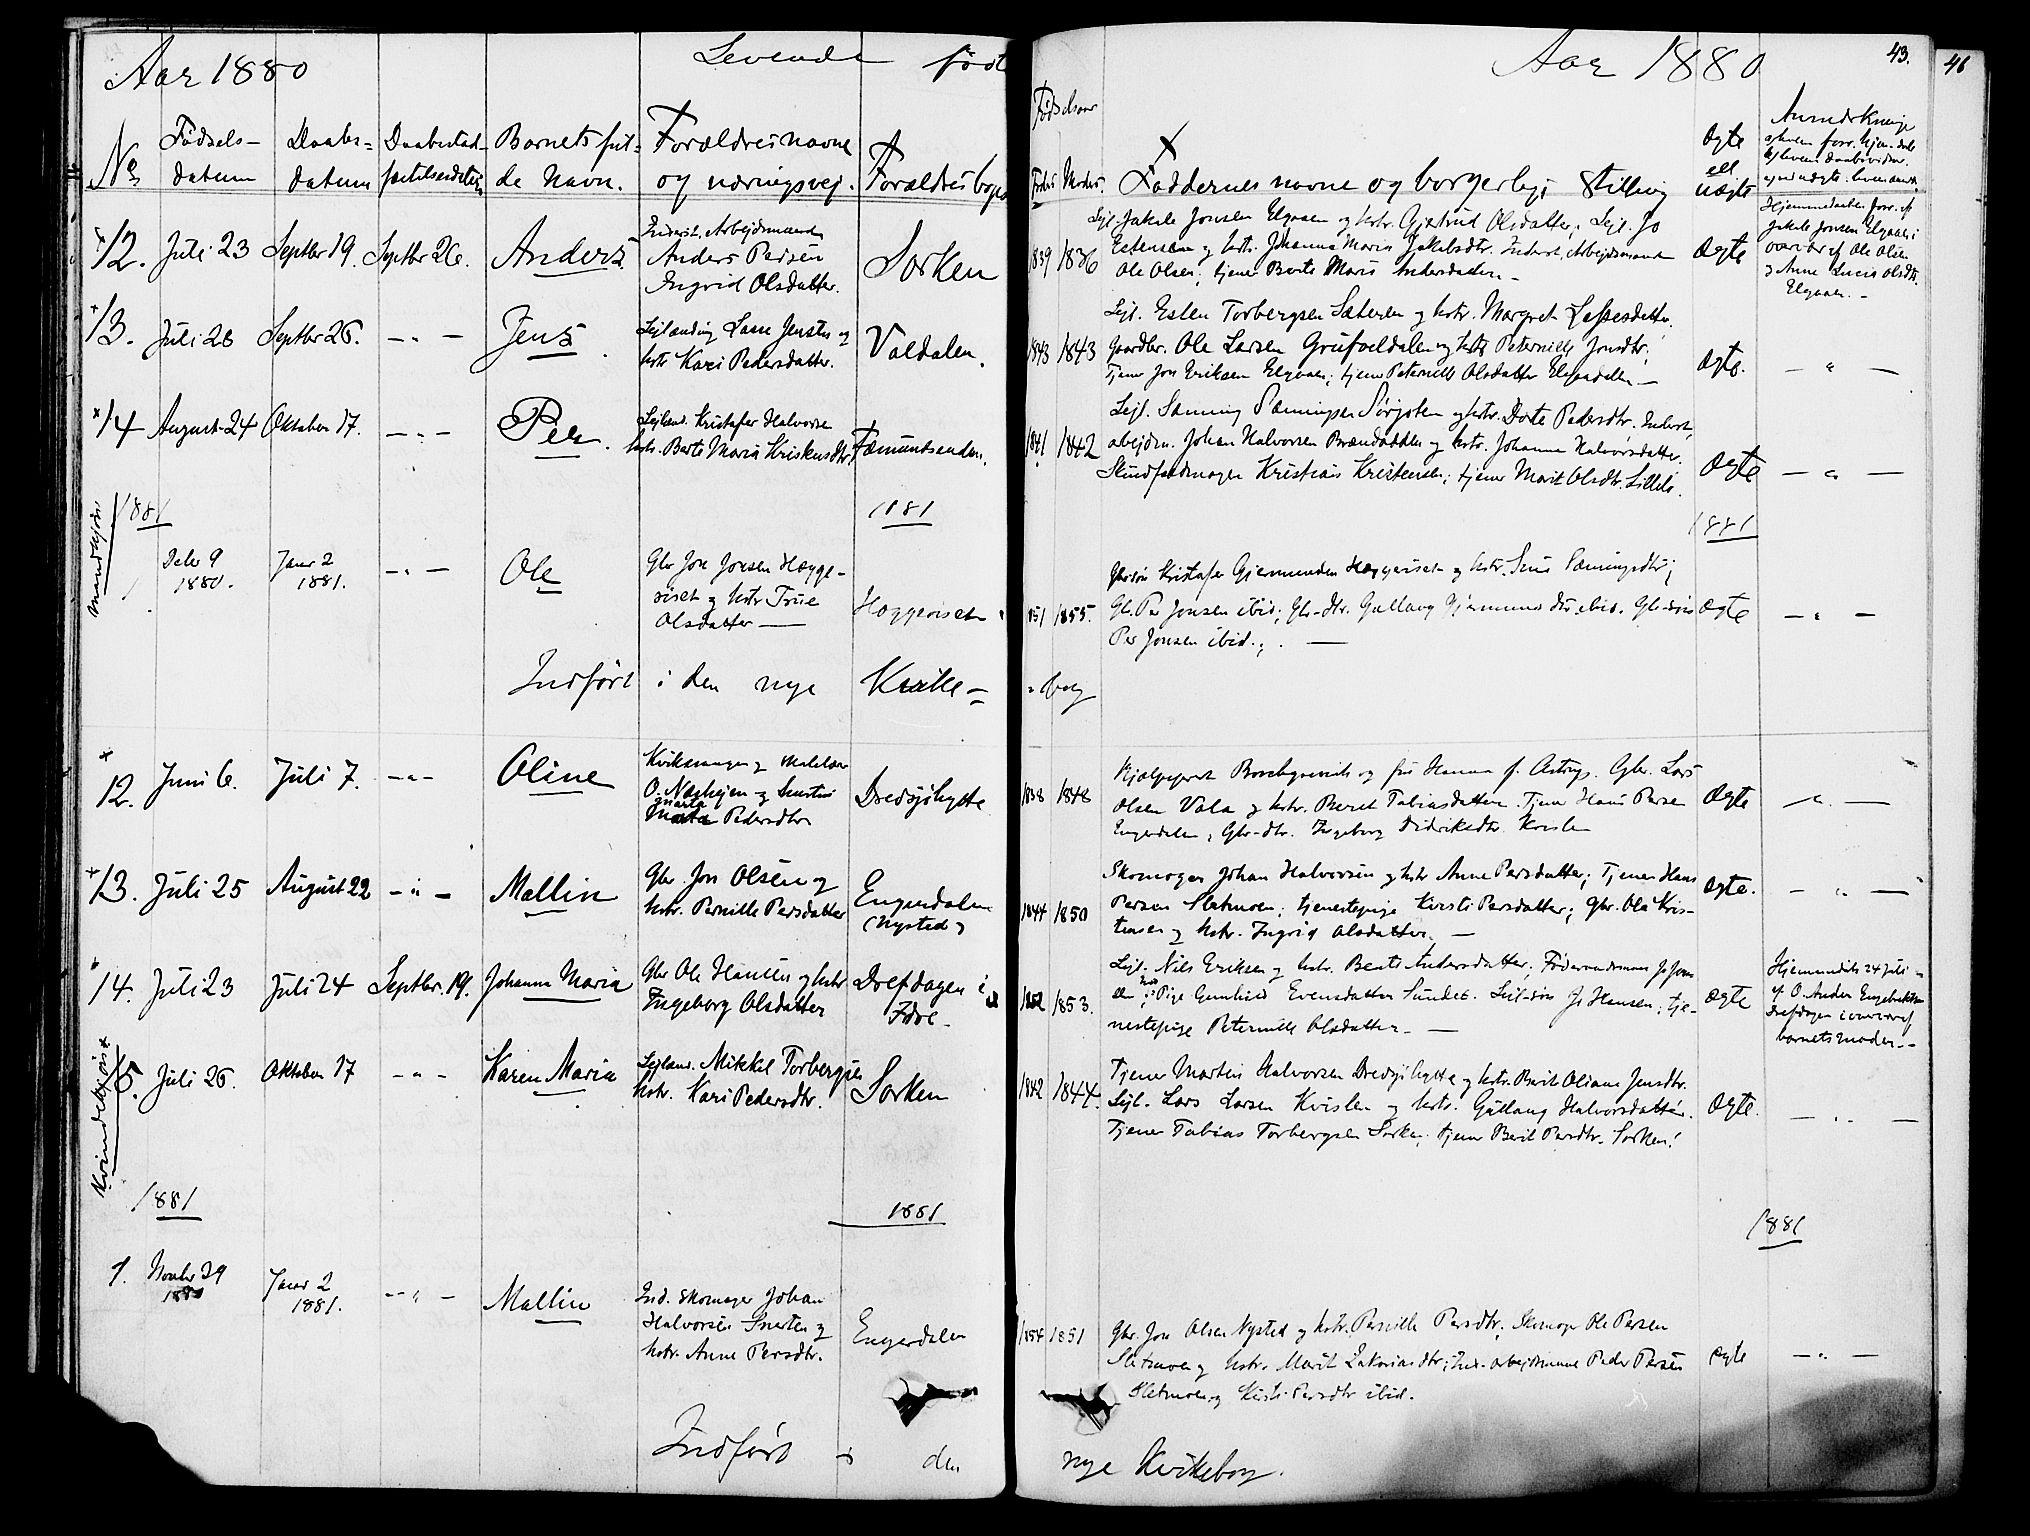 SAH, Rendalen prestekontor, H/Ha/Hab/L0002: Klokkerbok nr. 2, 1858-1880, s. 43